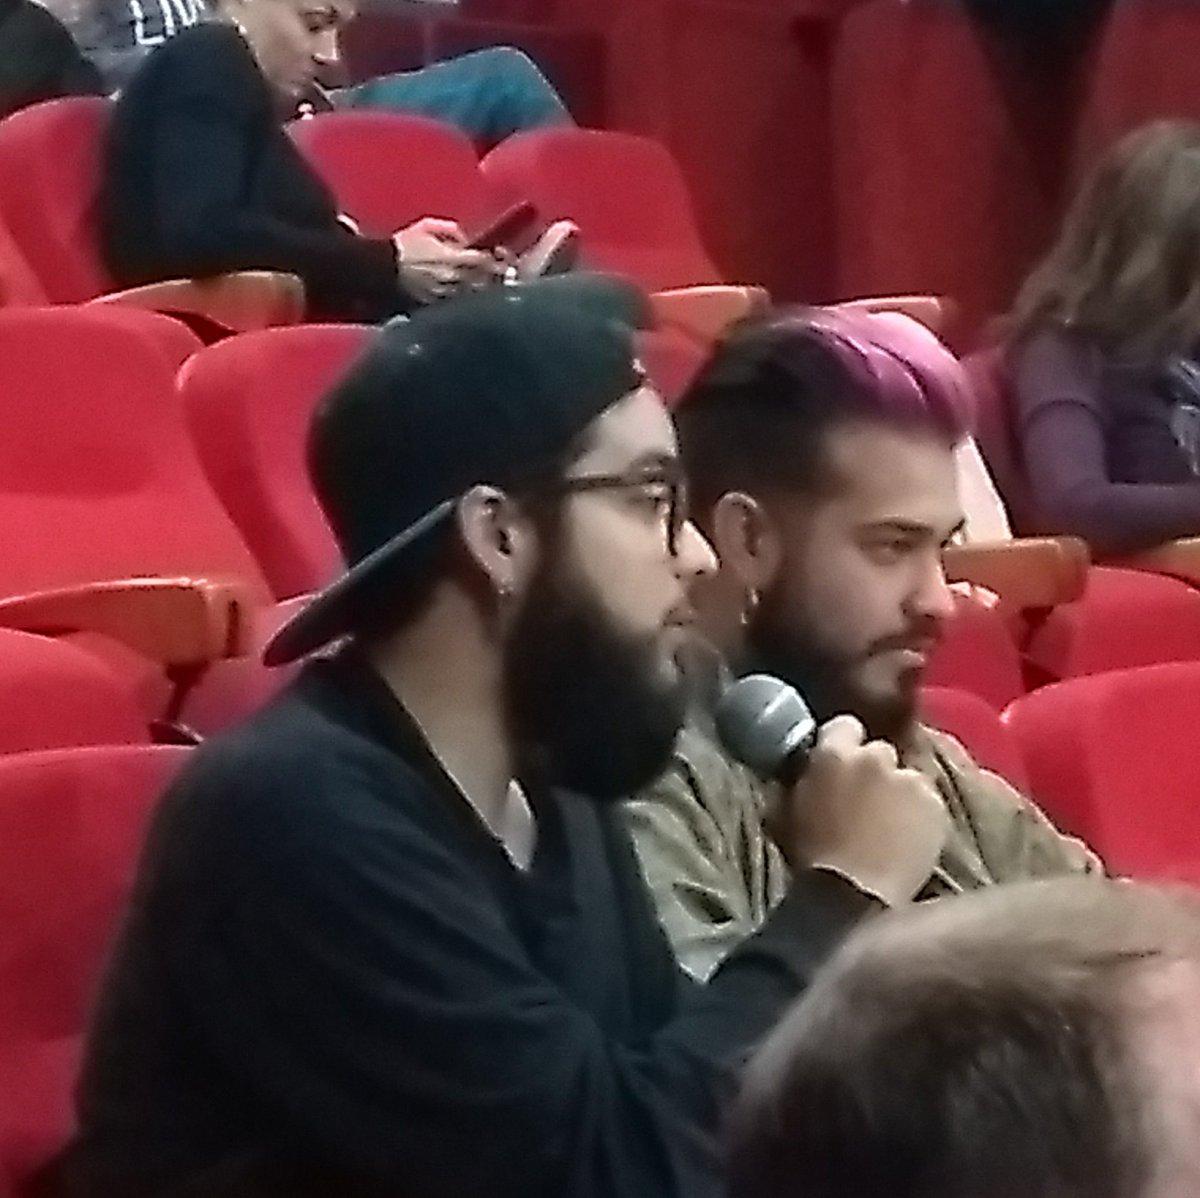 Momento de preguntas y discusión en #sociedaddigital conferenciadigital.wordpress.com/acerca-de/